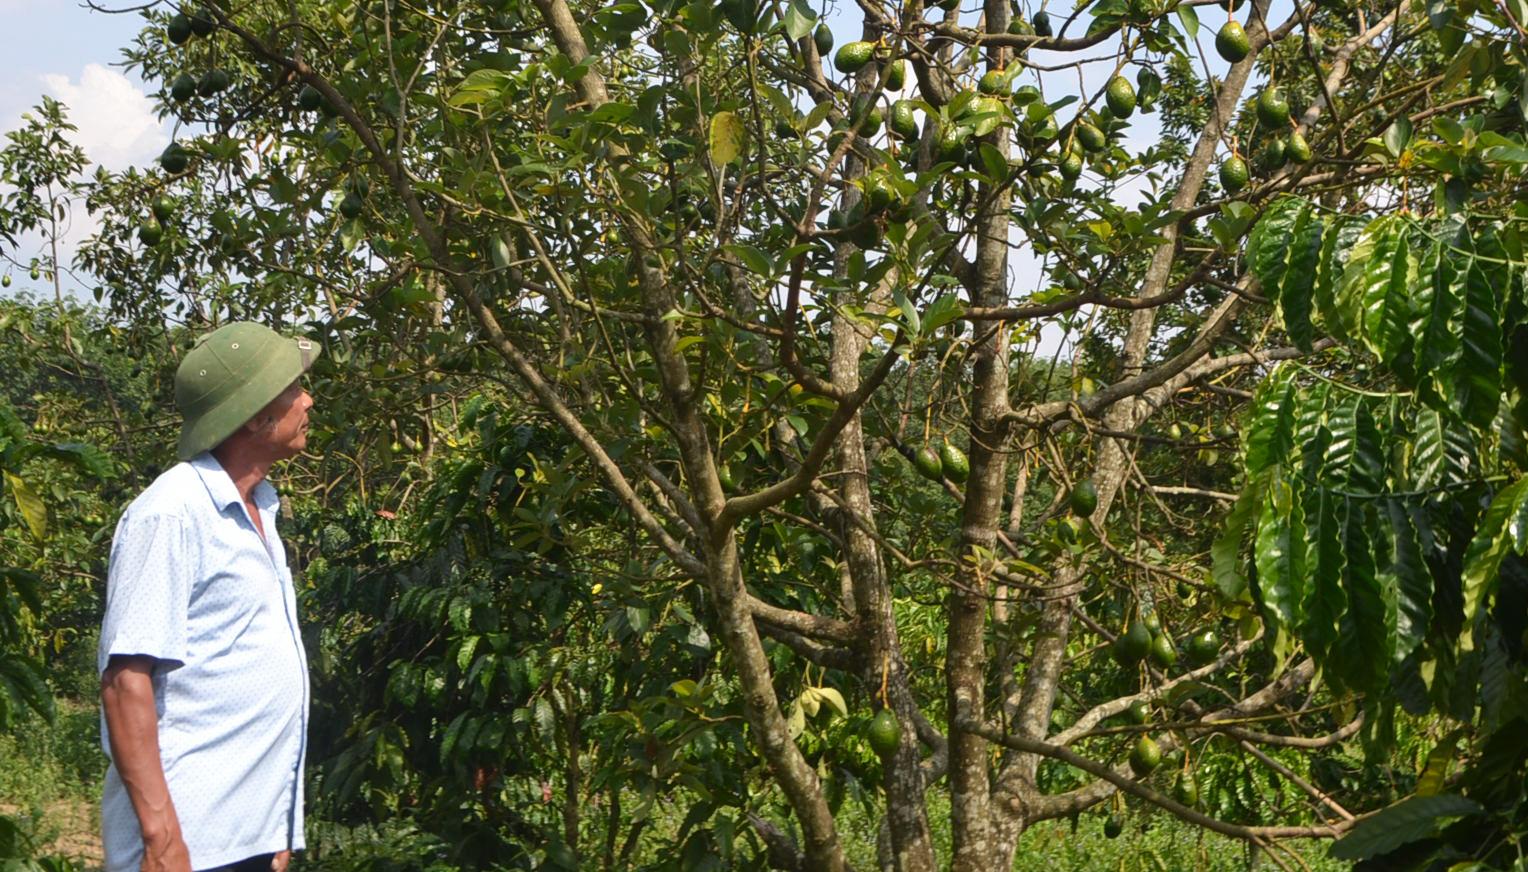 Vùng đất một thời bom đạn tơi bời, nay trồng sầu riêng ra lắm quả, trồng bơ tứ quý trái trĩu cành - Ảnh 5.